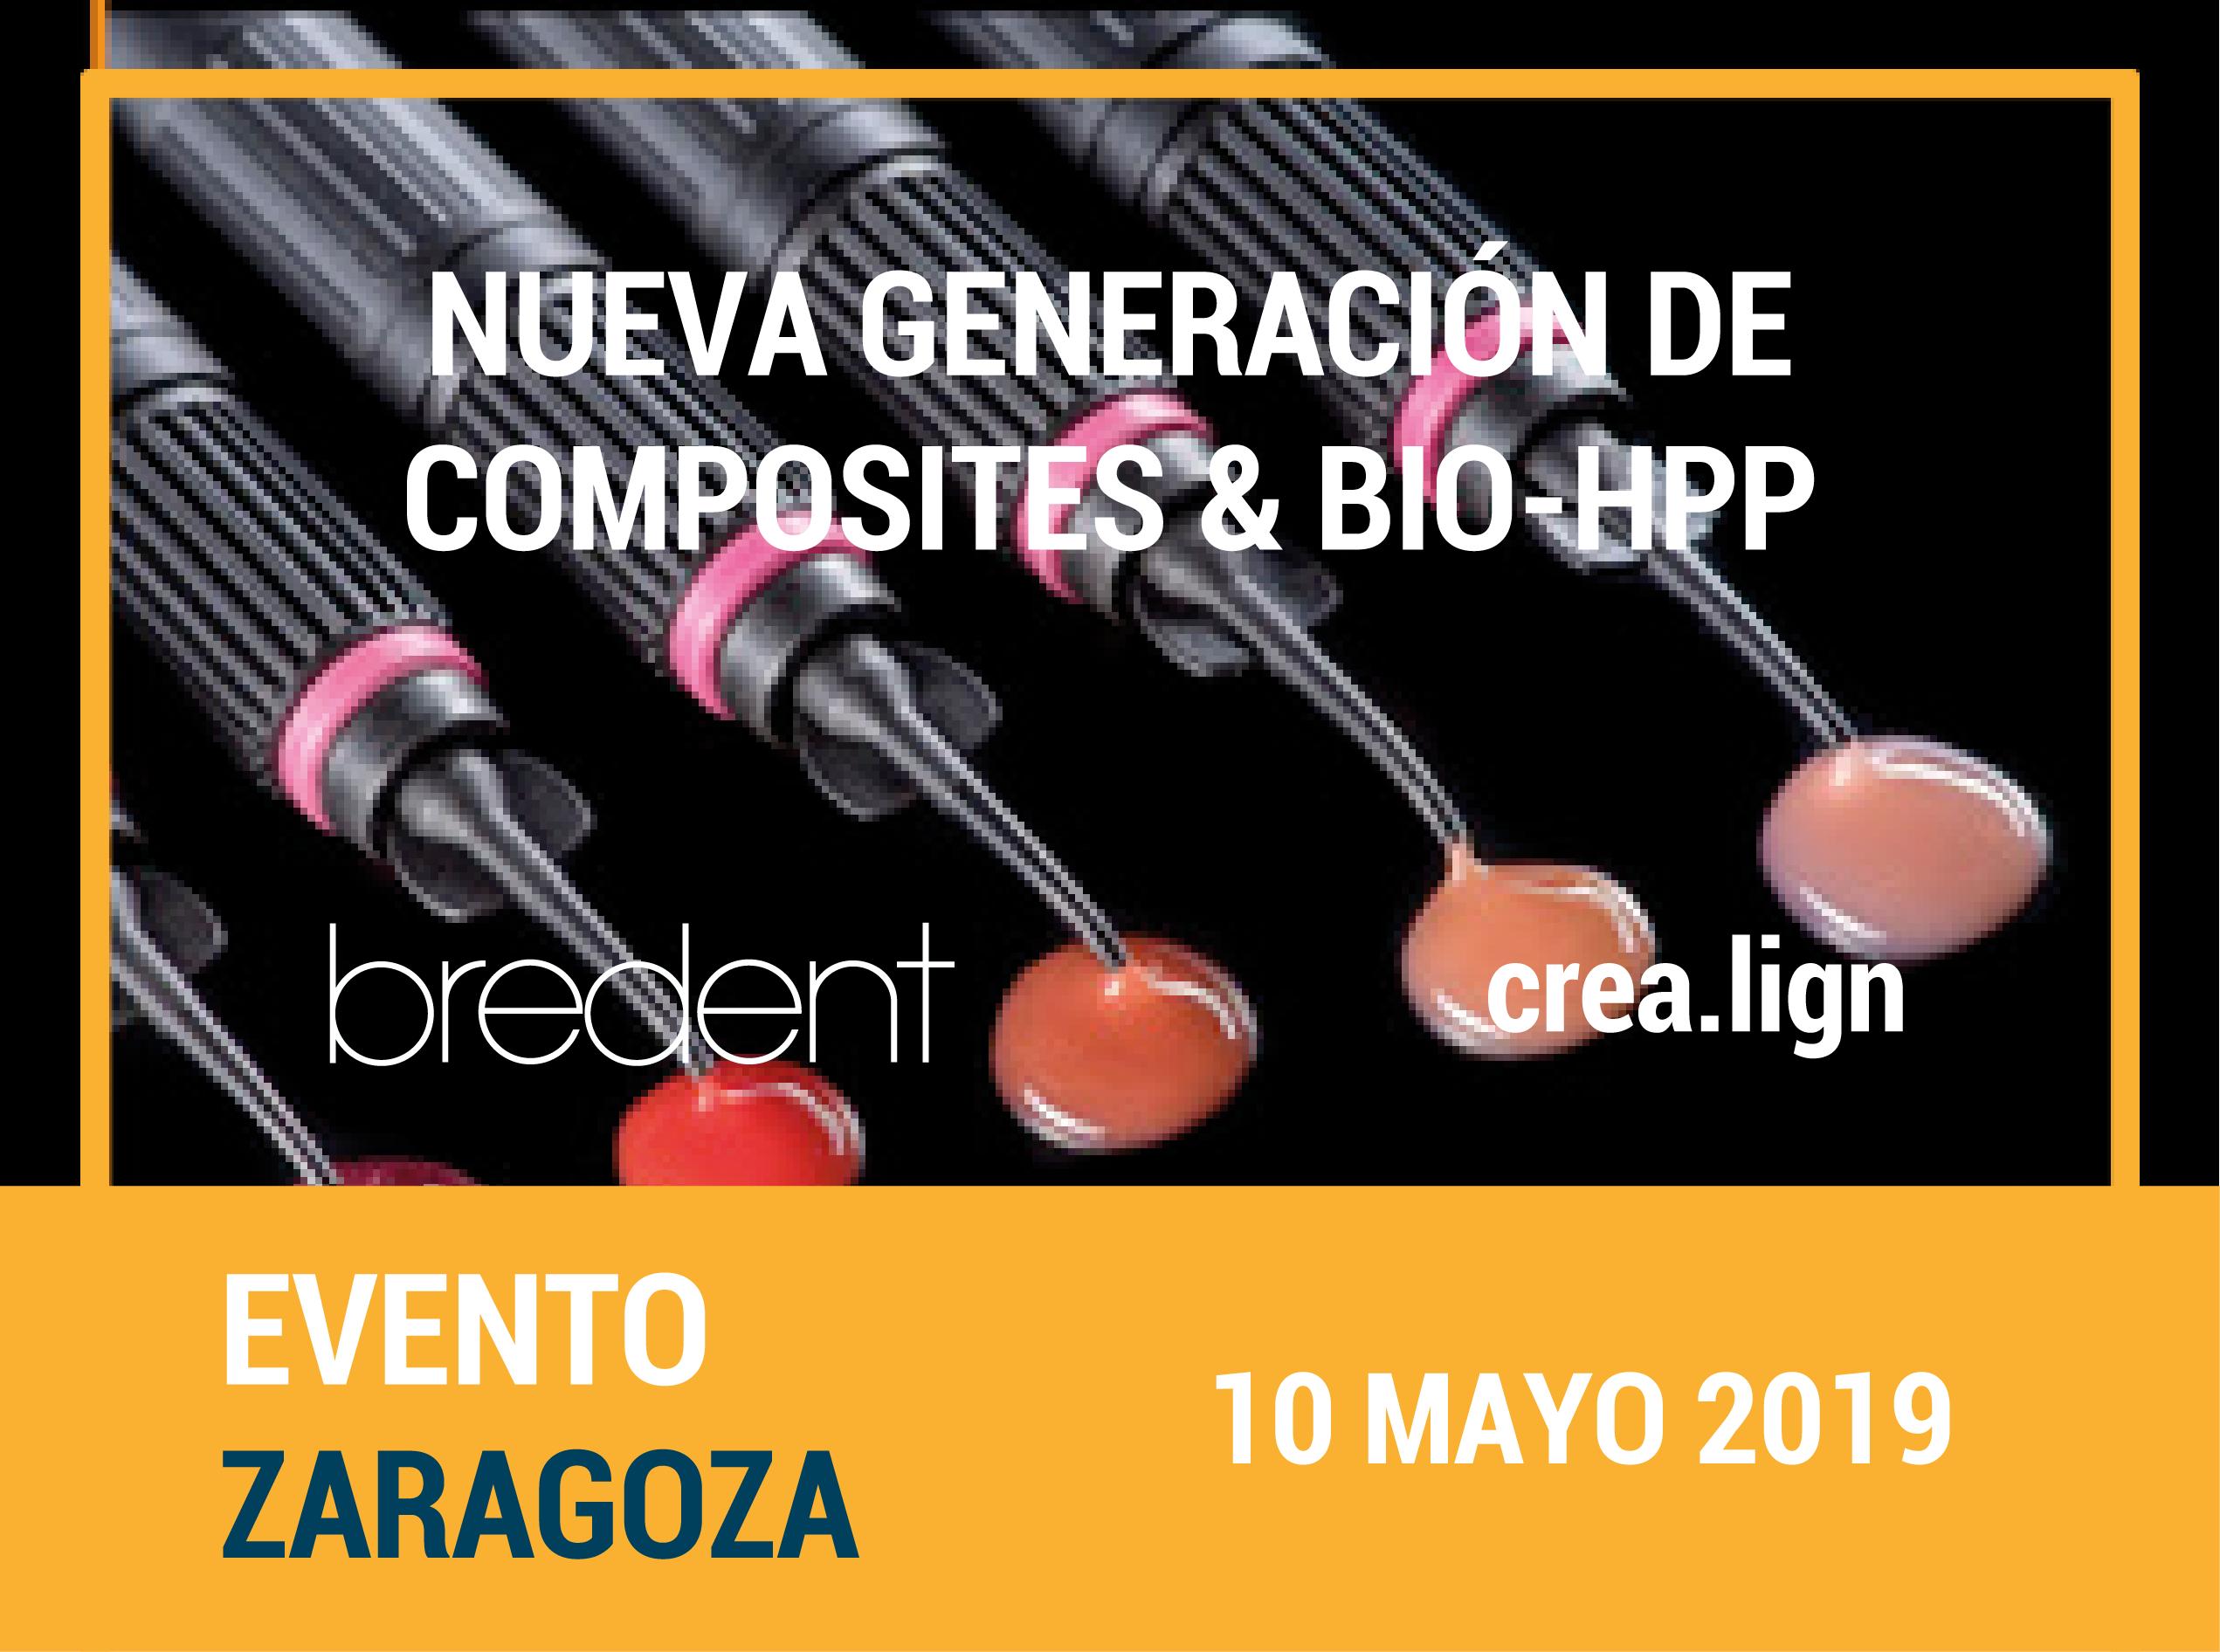 Nueva generación de composites & bio-hpp